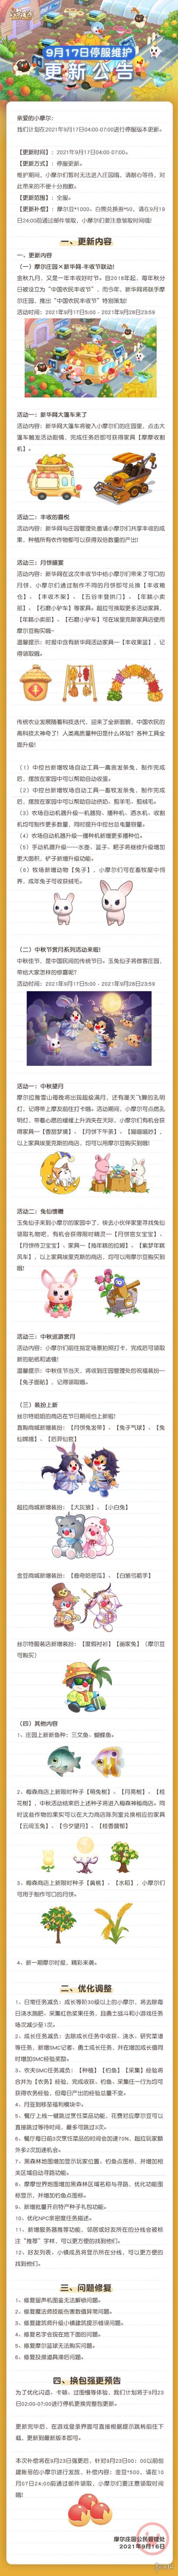 《摩尔庄园手游》9月17日更新介绍 新华网联动中秋节活动新鱼新种子